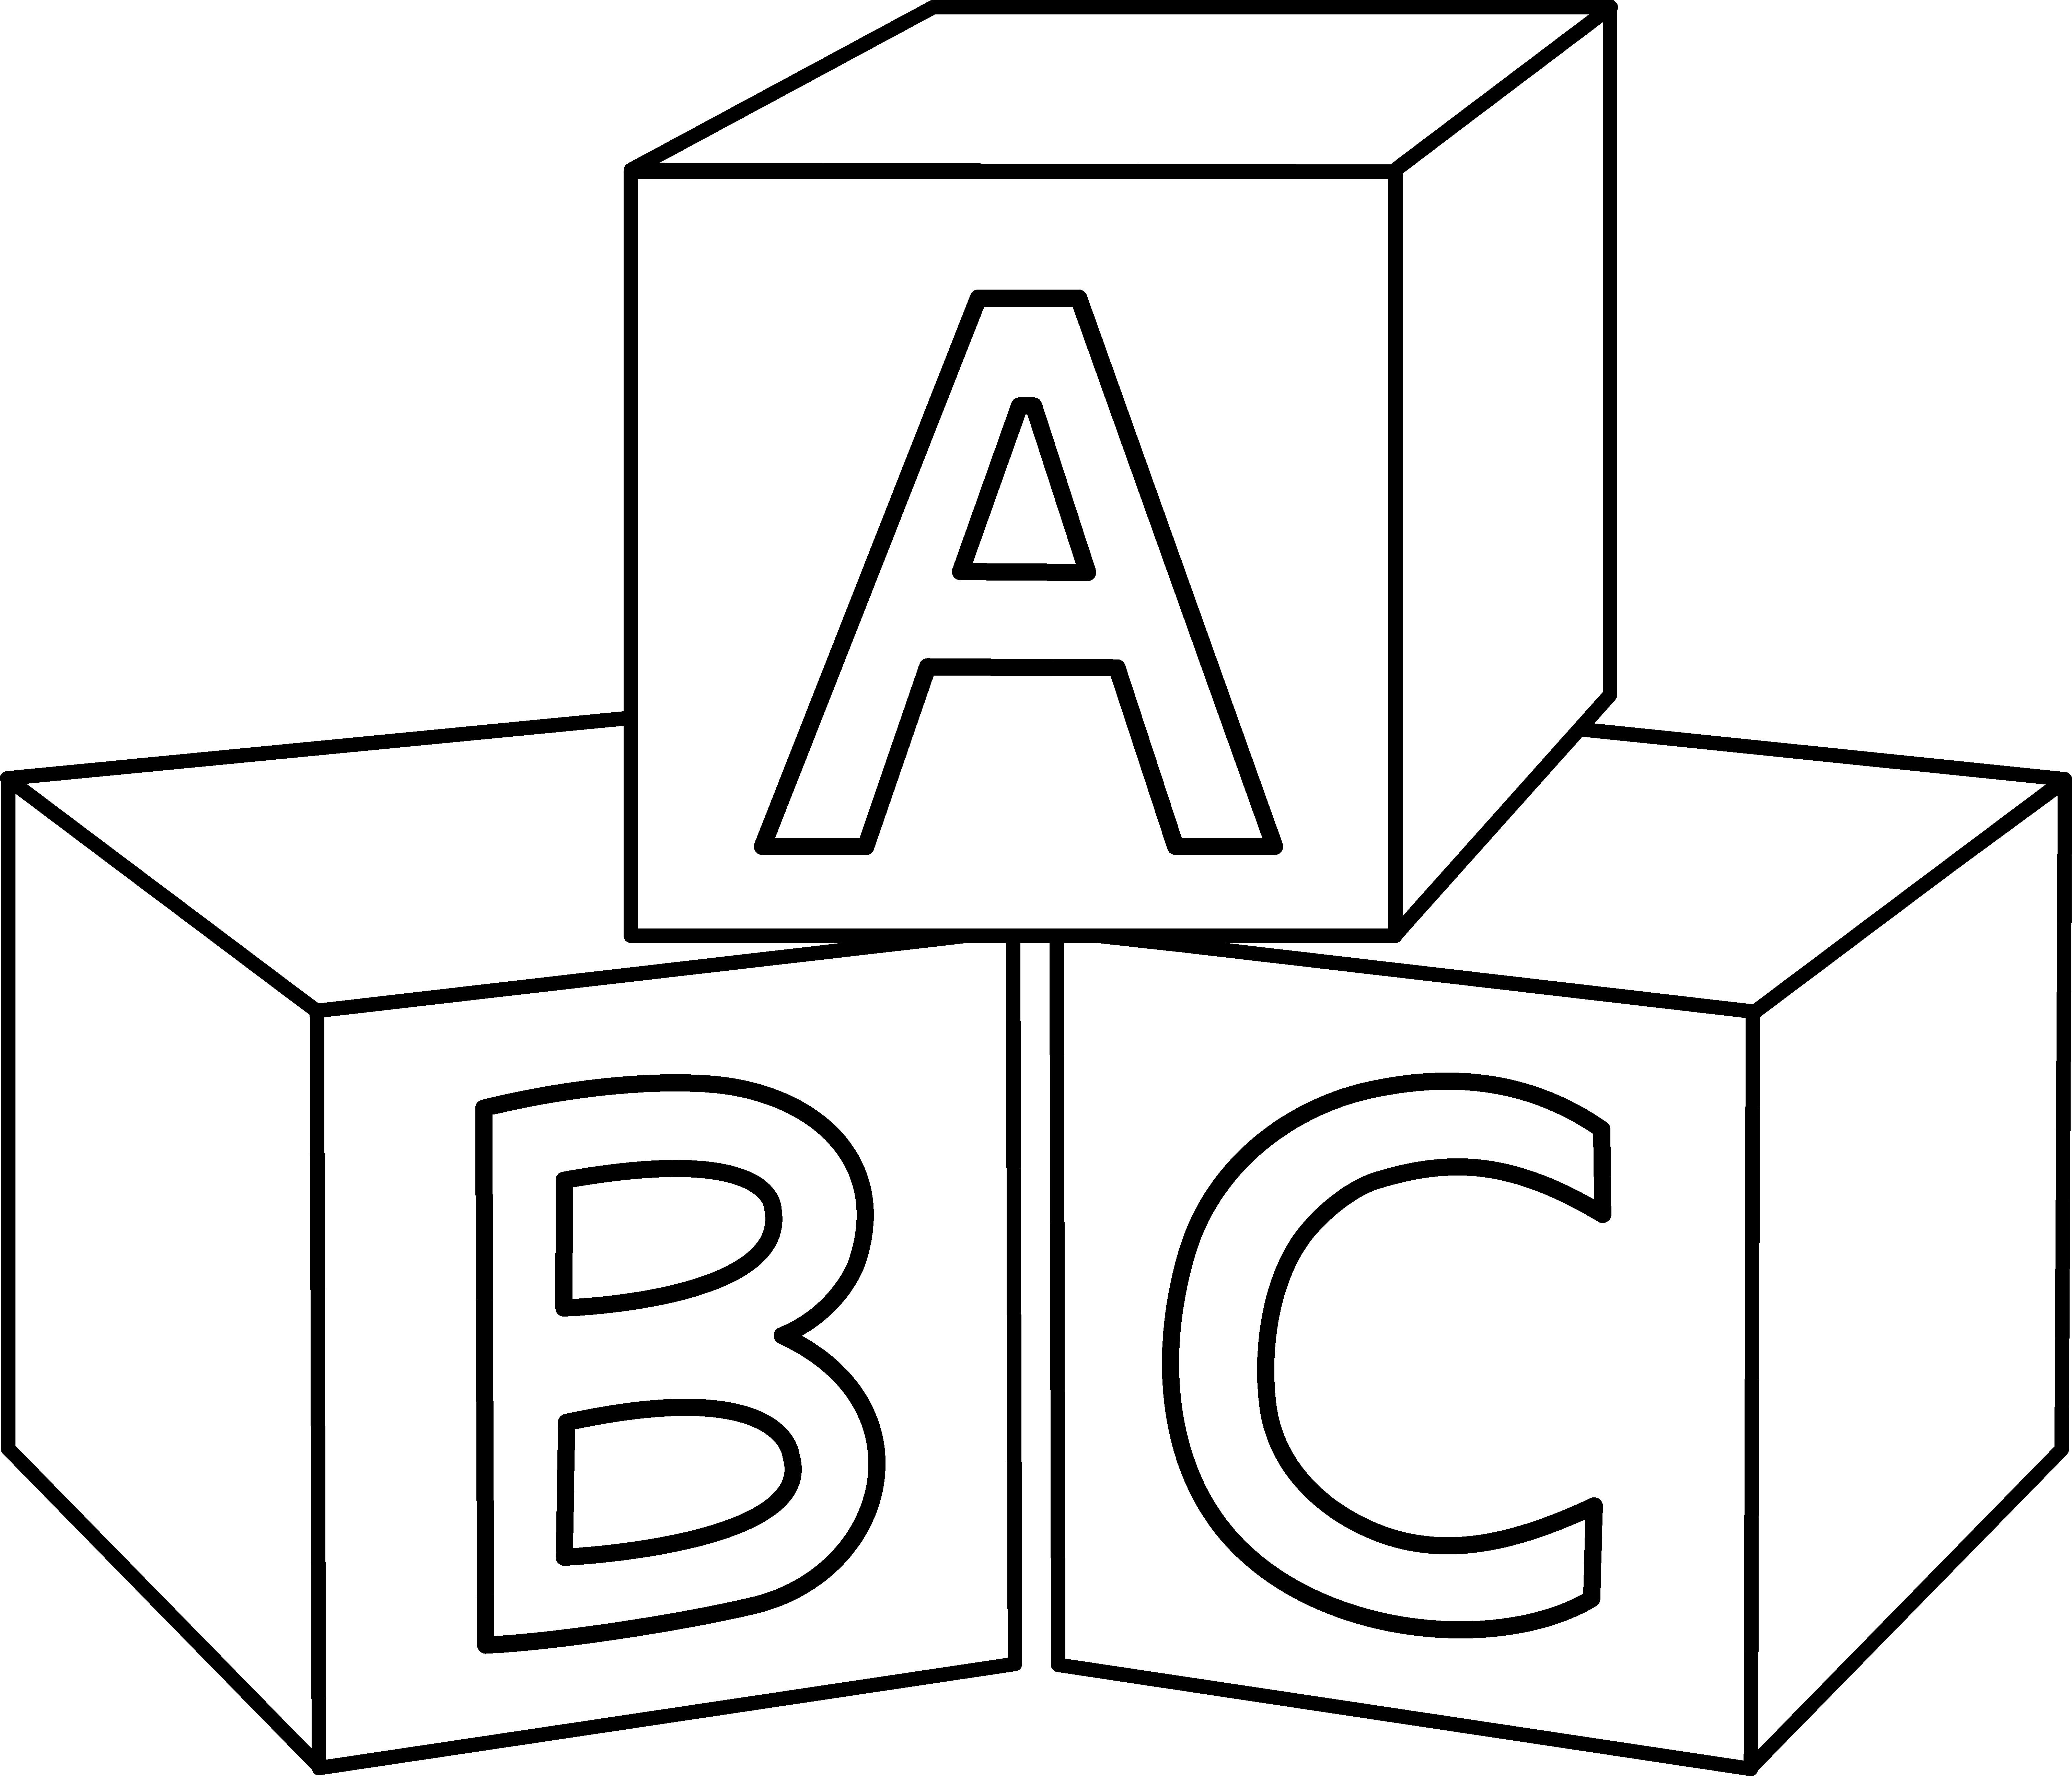 ABC Blocks Design.